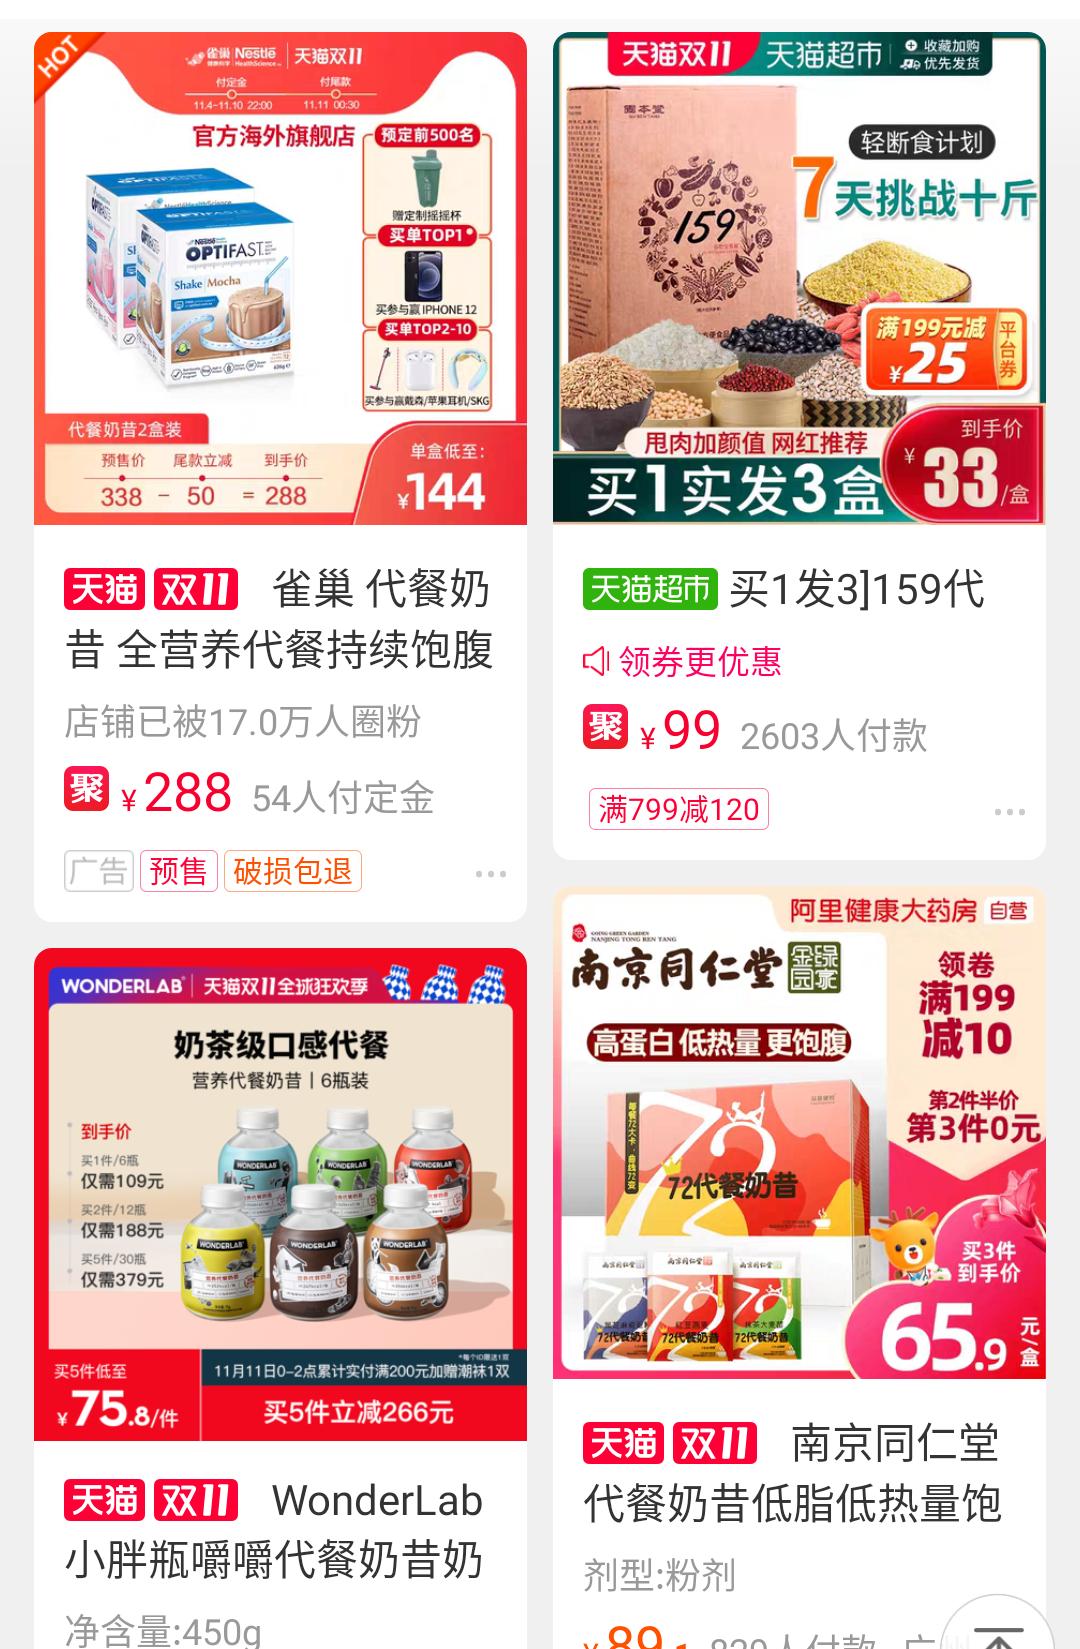 电商平台上的代餐产品。来源:淘宝截图